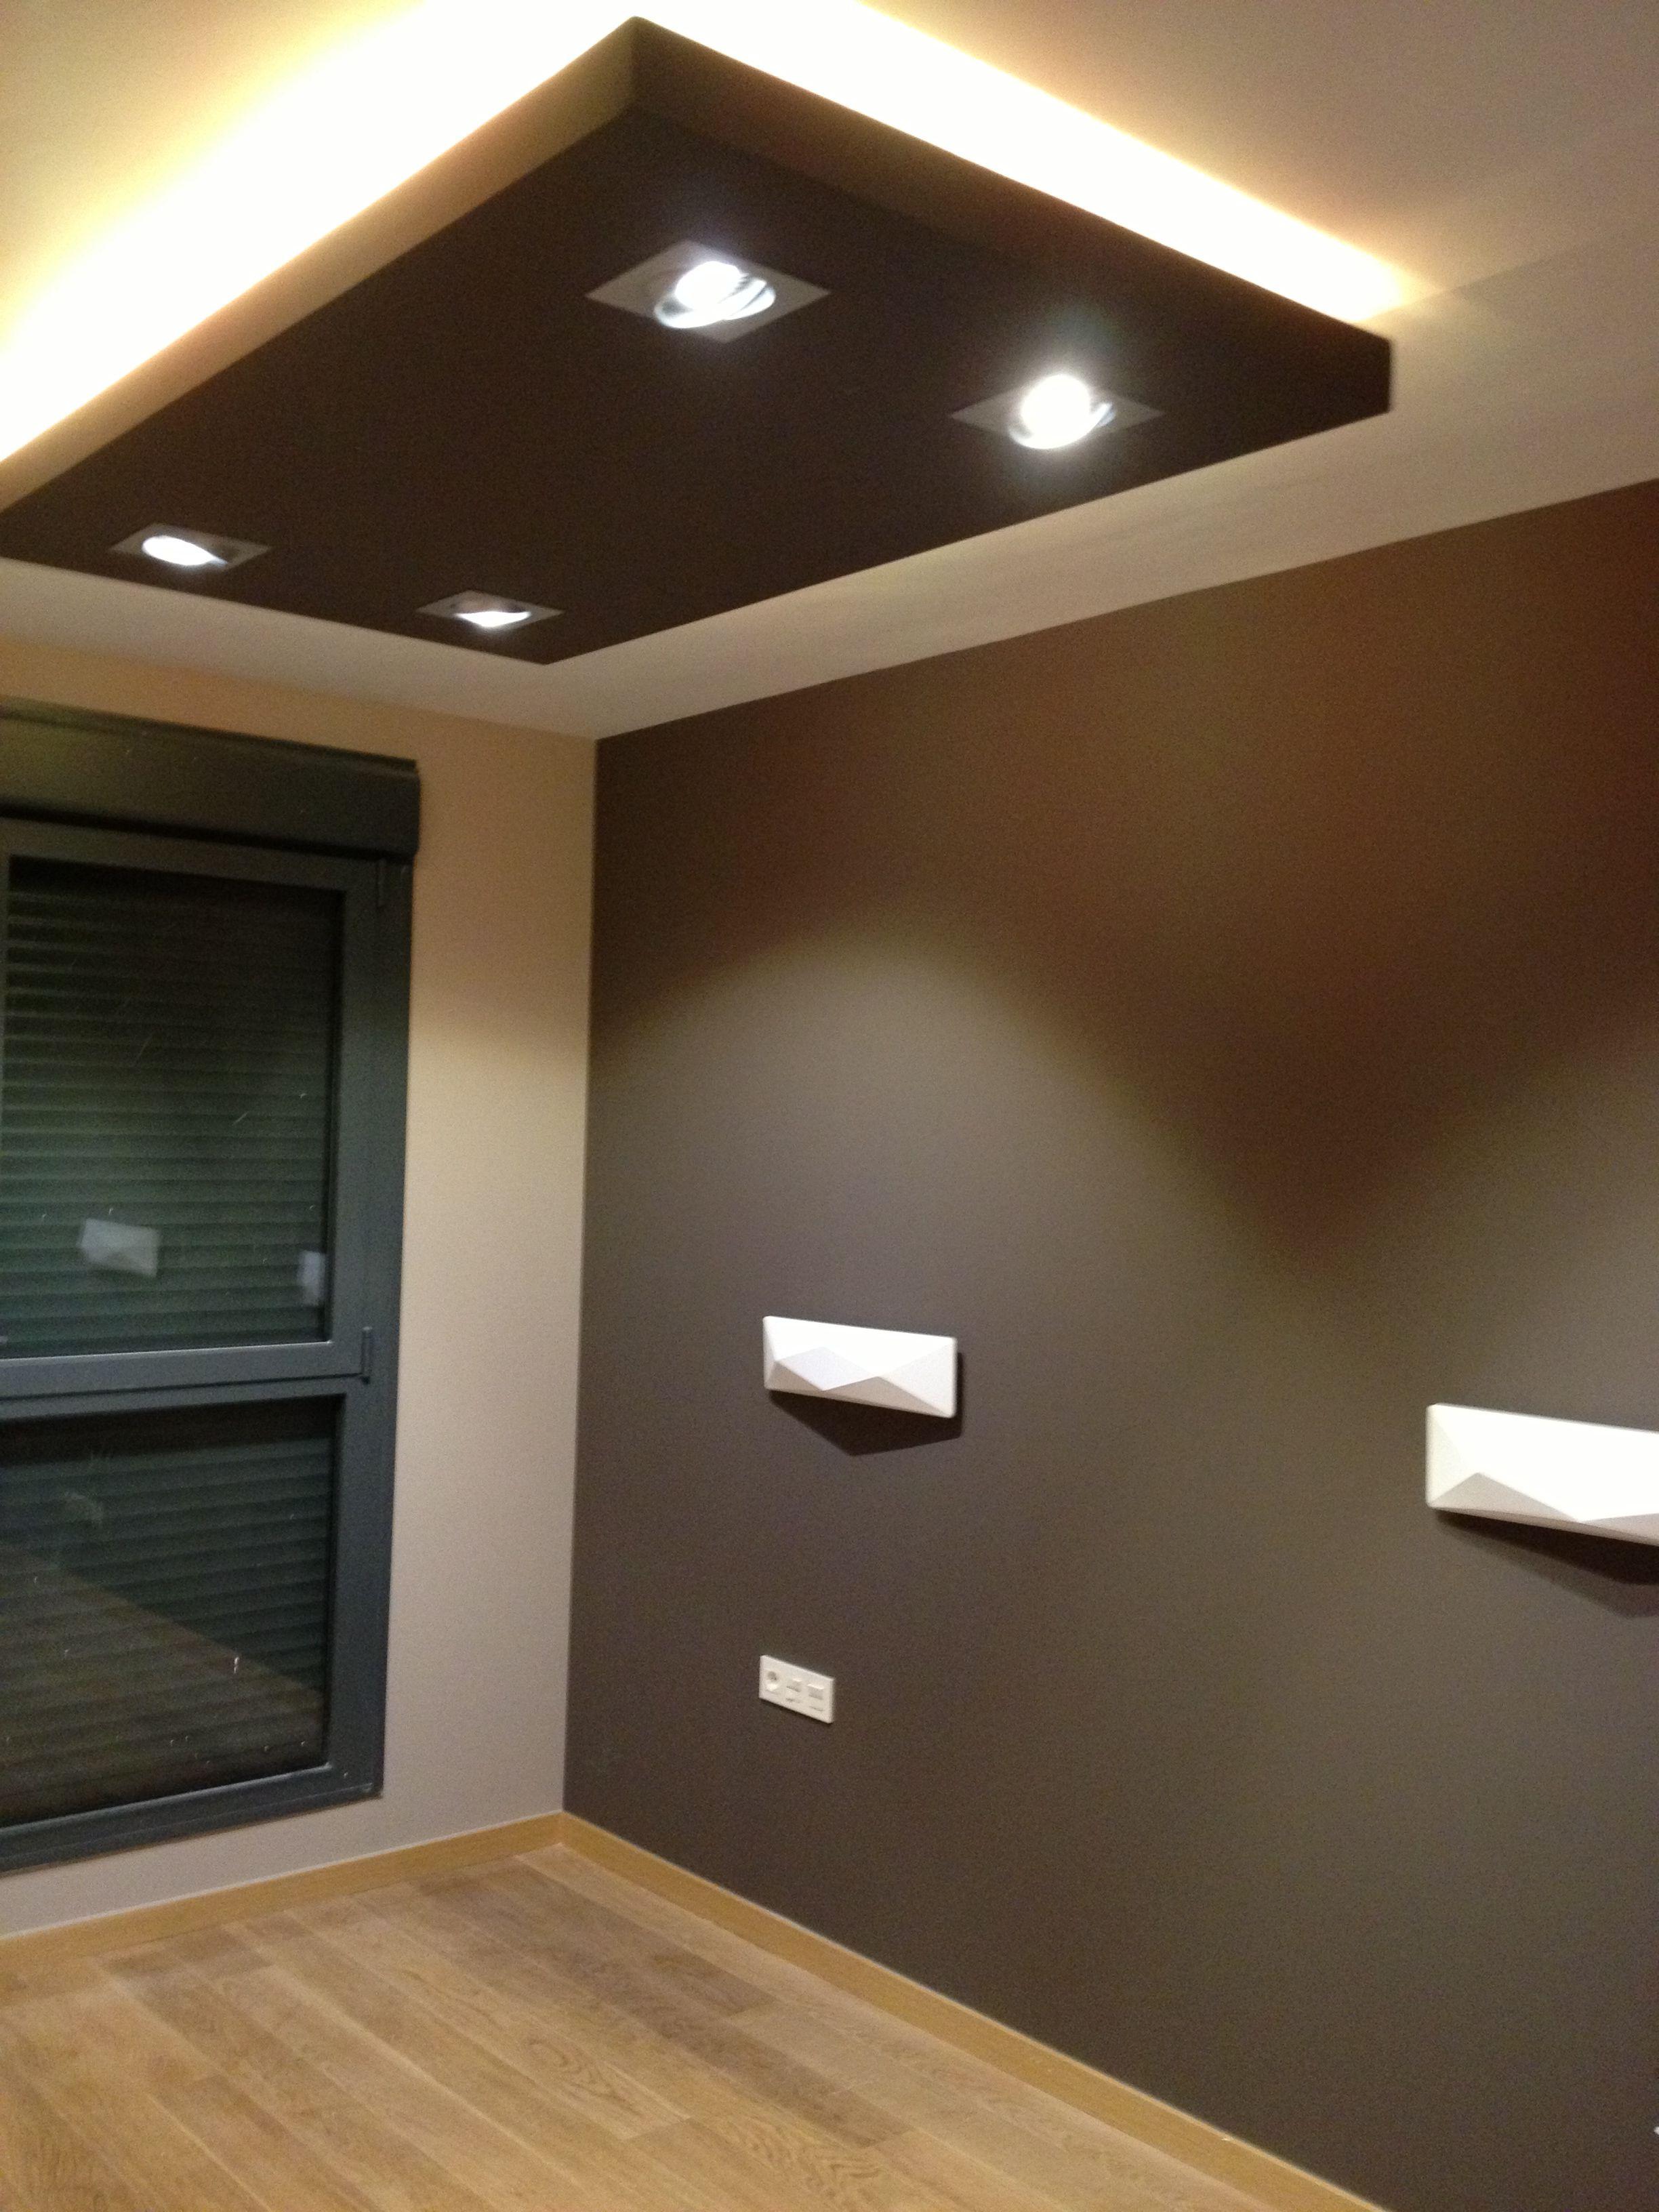 Pin Von Marilena Bisello Auf Illuminazione Cucina Abgehangte Decke Design Deckenarchitektur Und Wohnzimmer Design